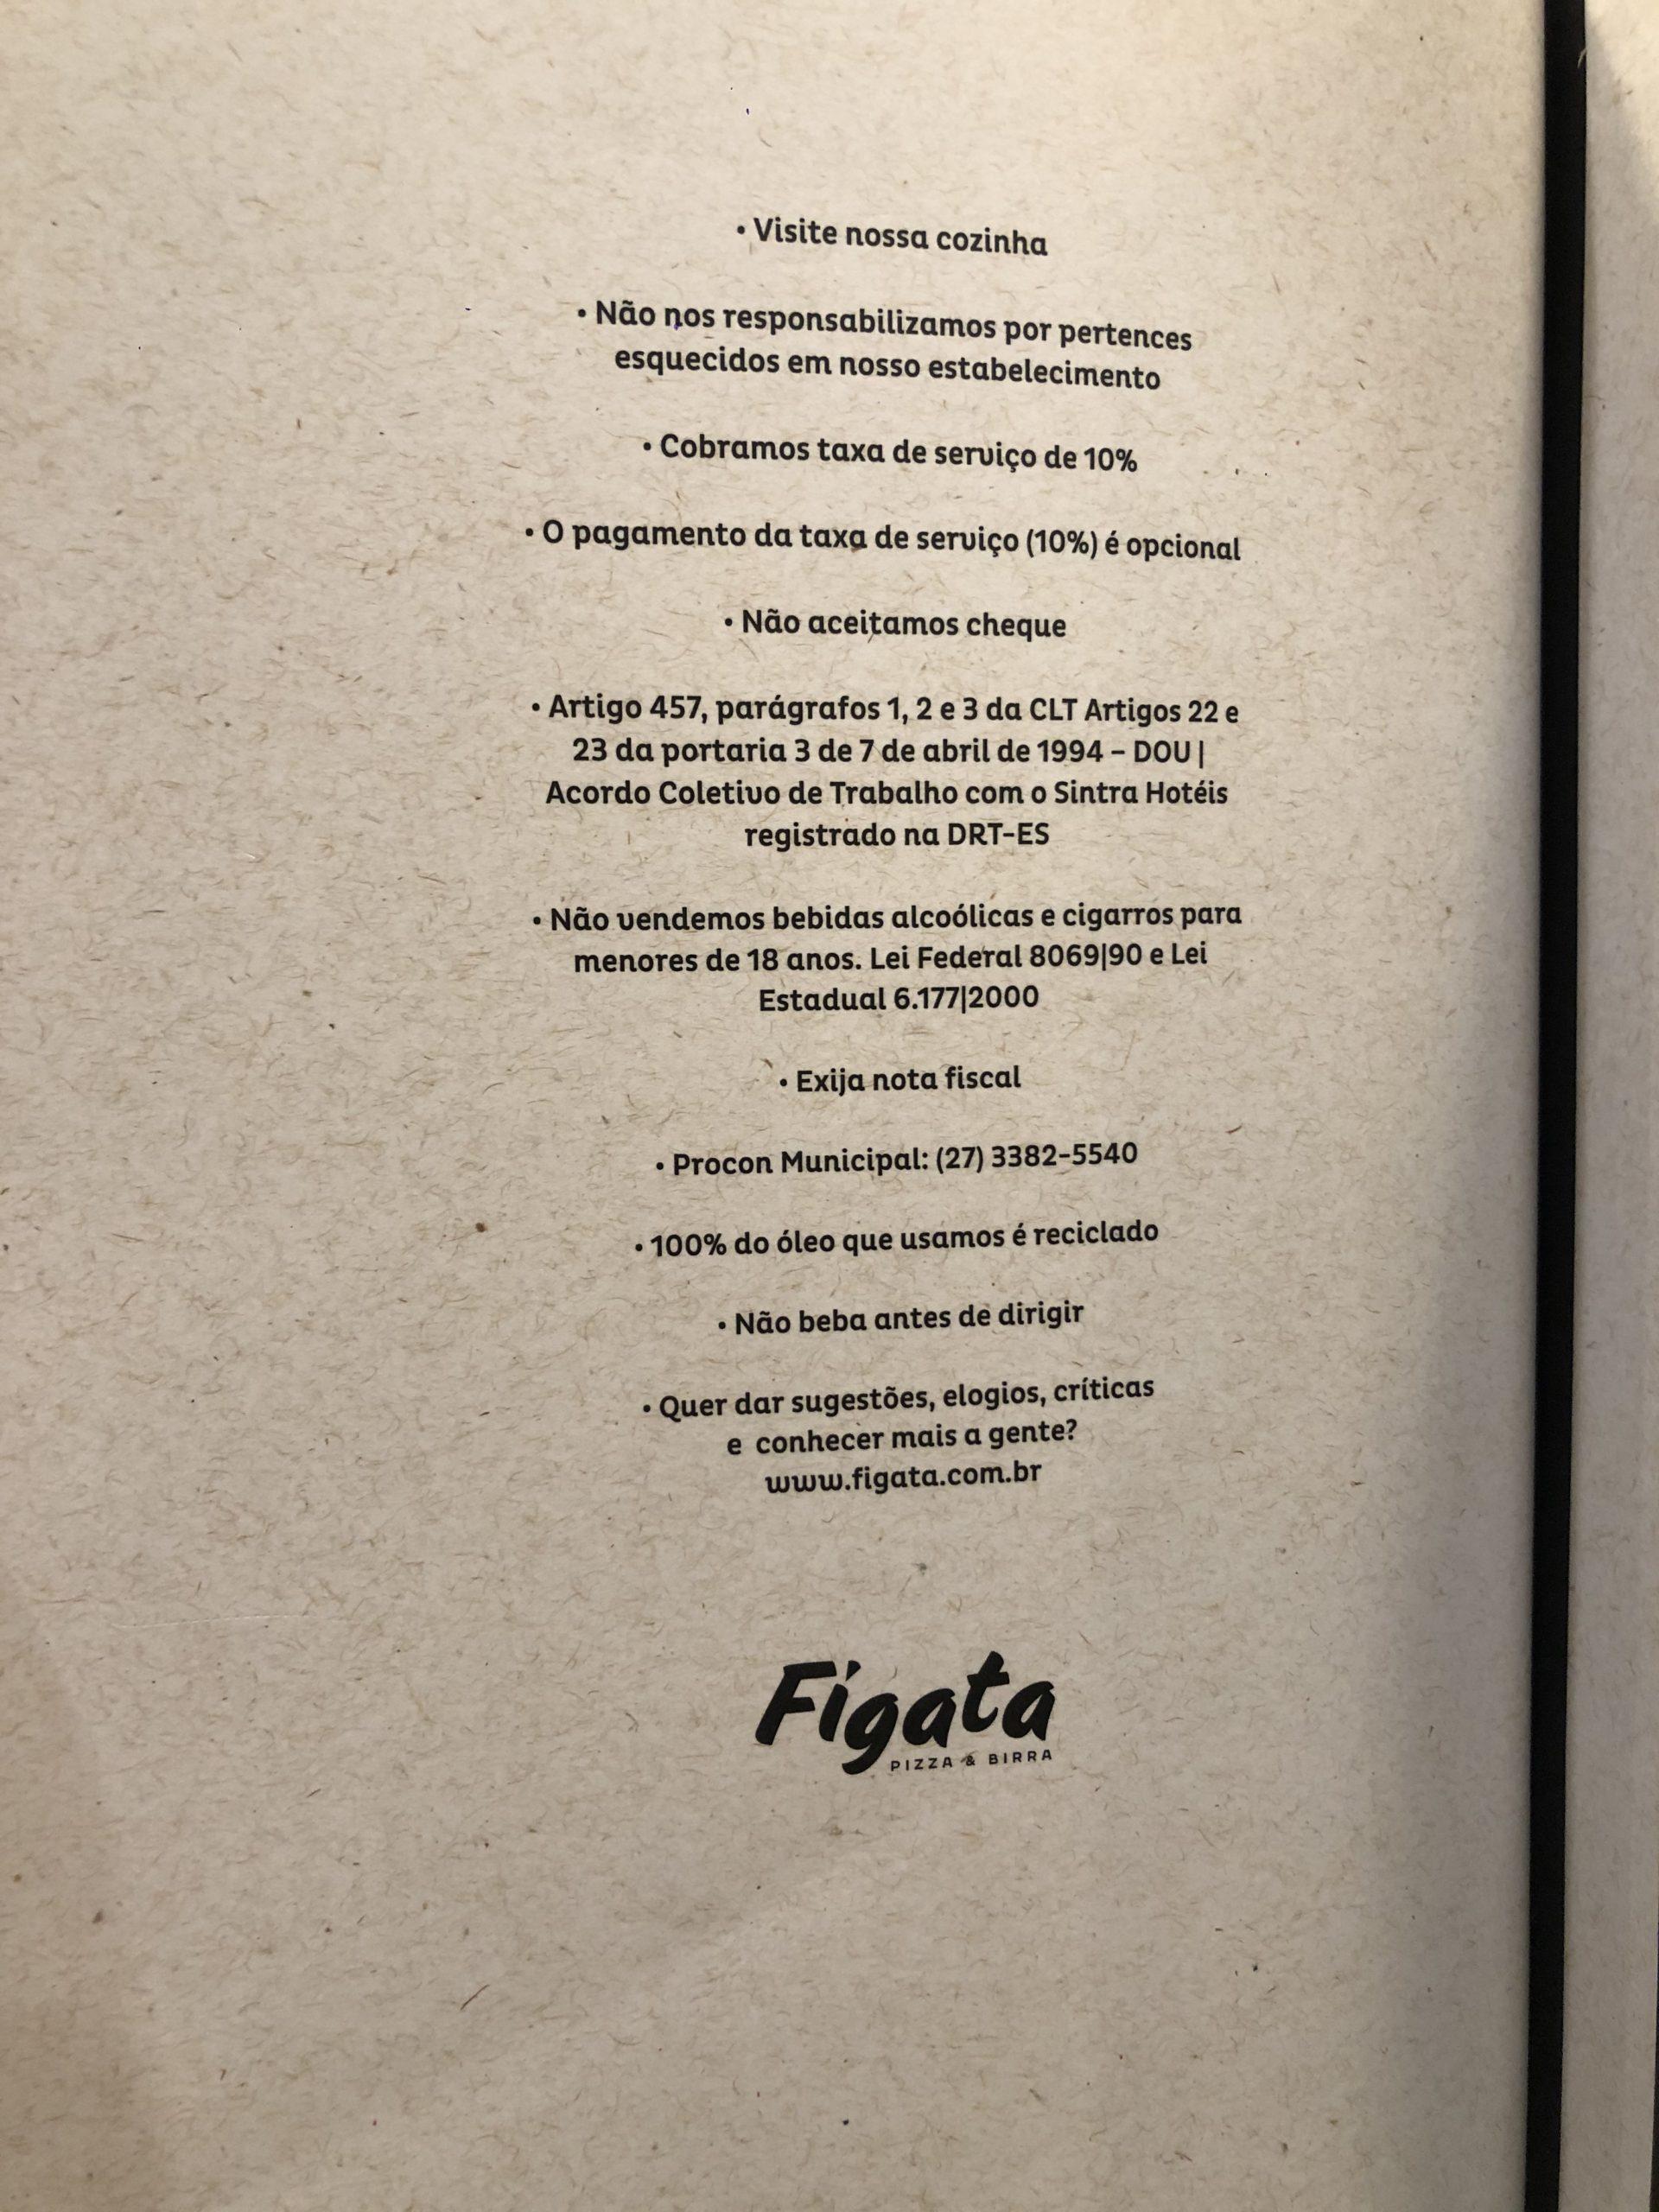 figata 12